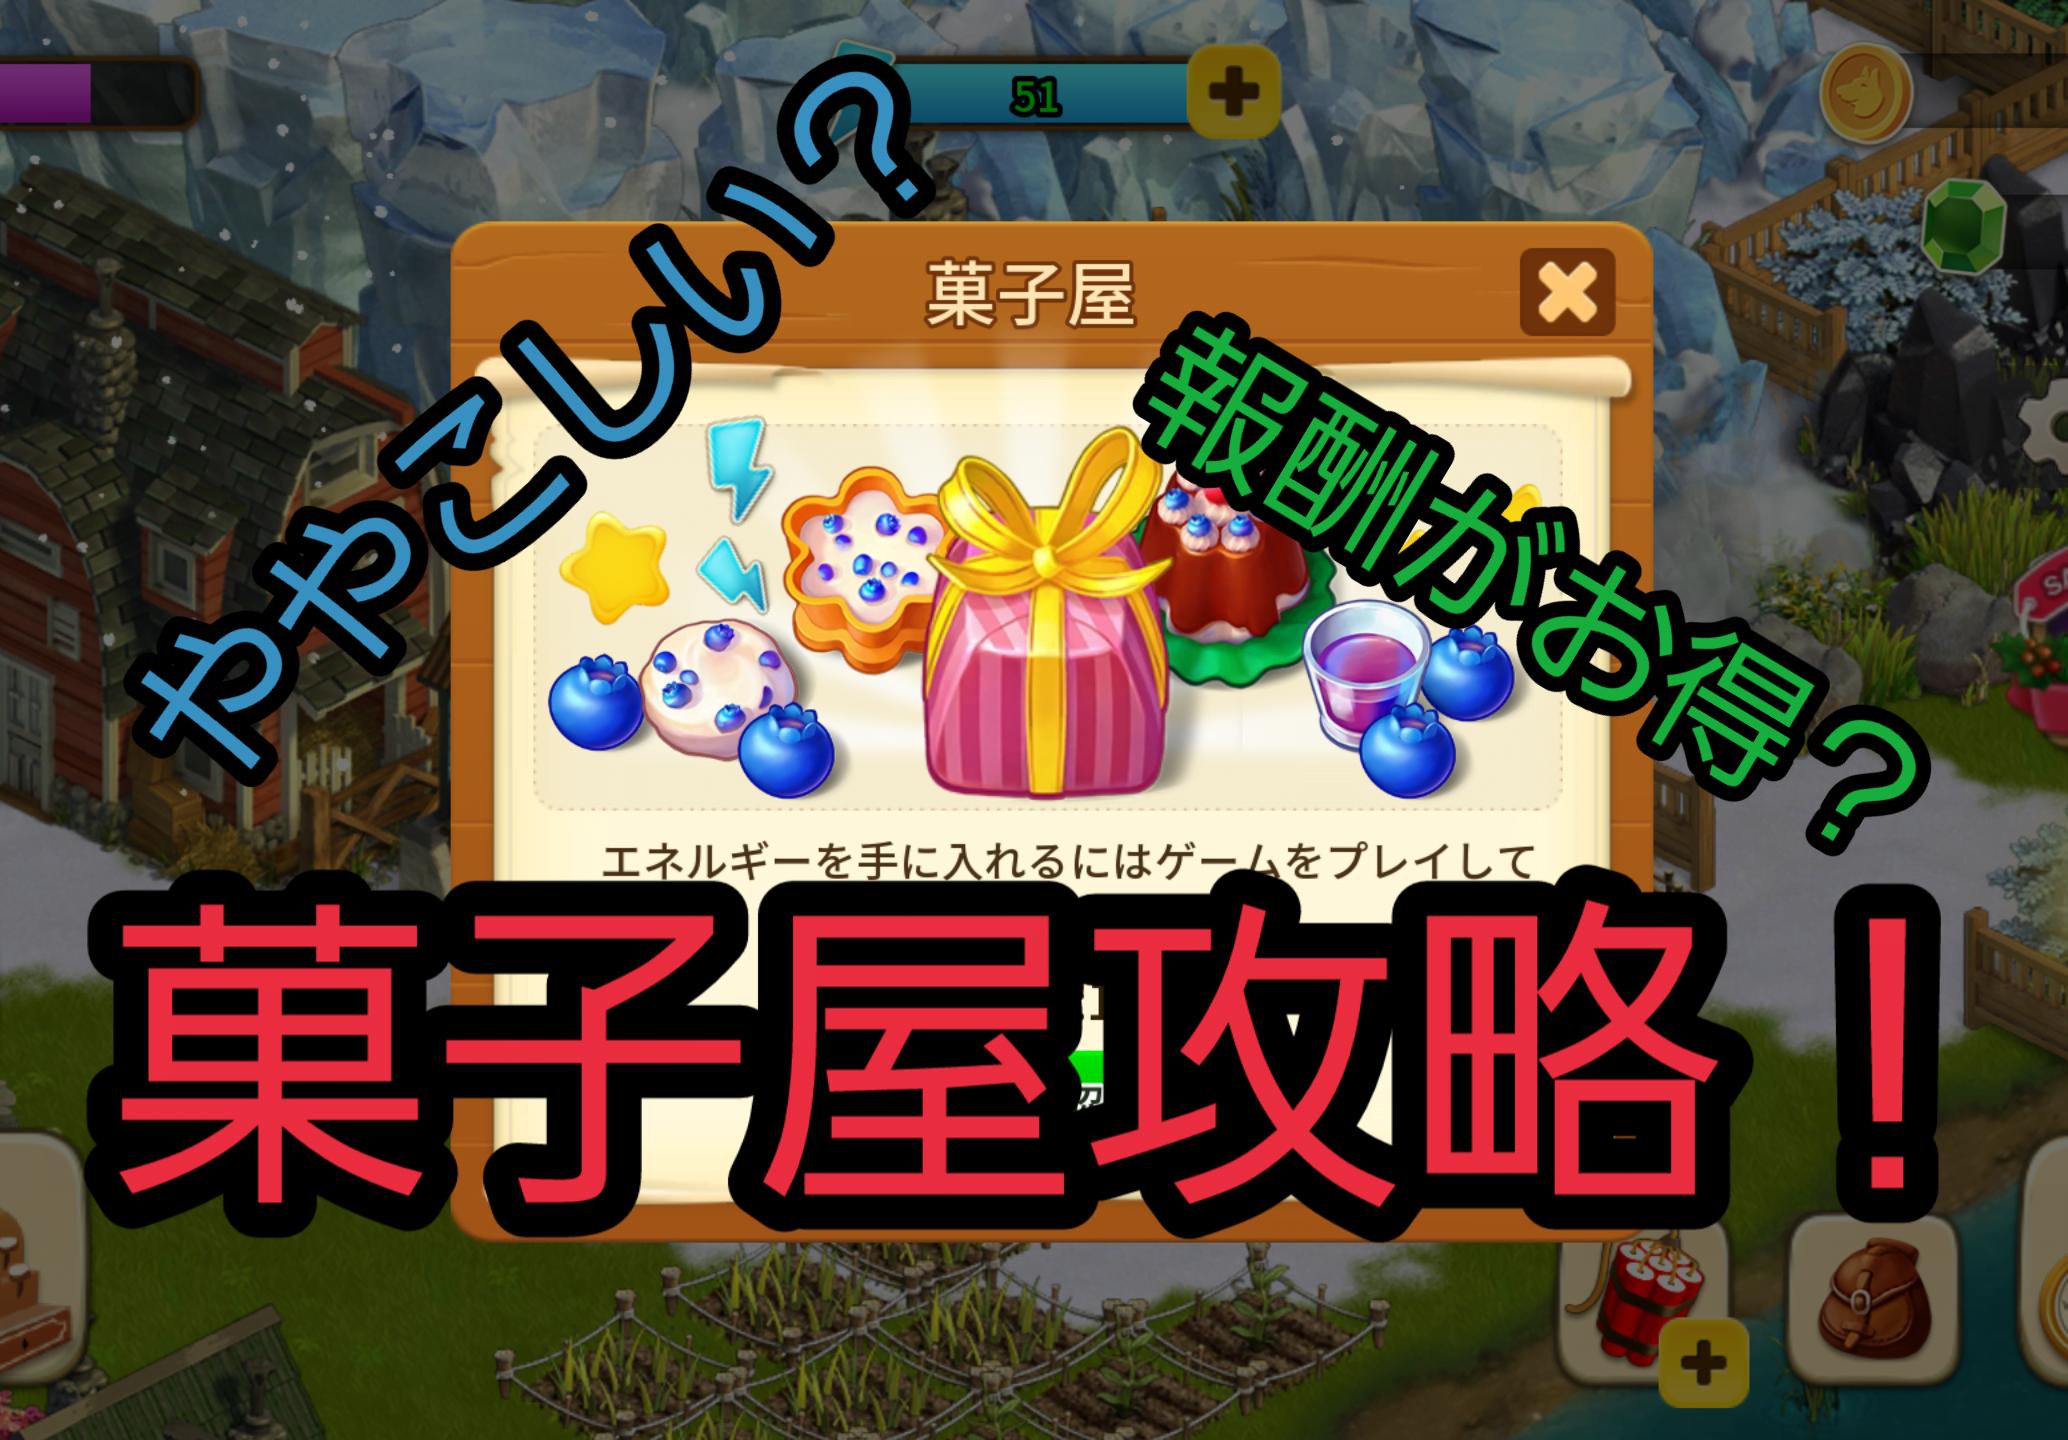 【クロンダイクの冒険】菓子屋の攻略方法まとめ!